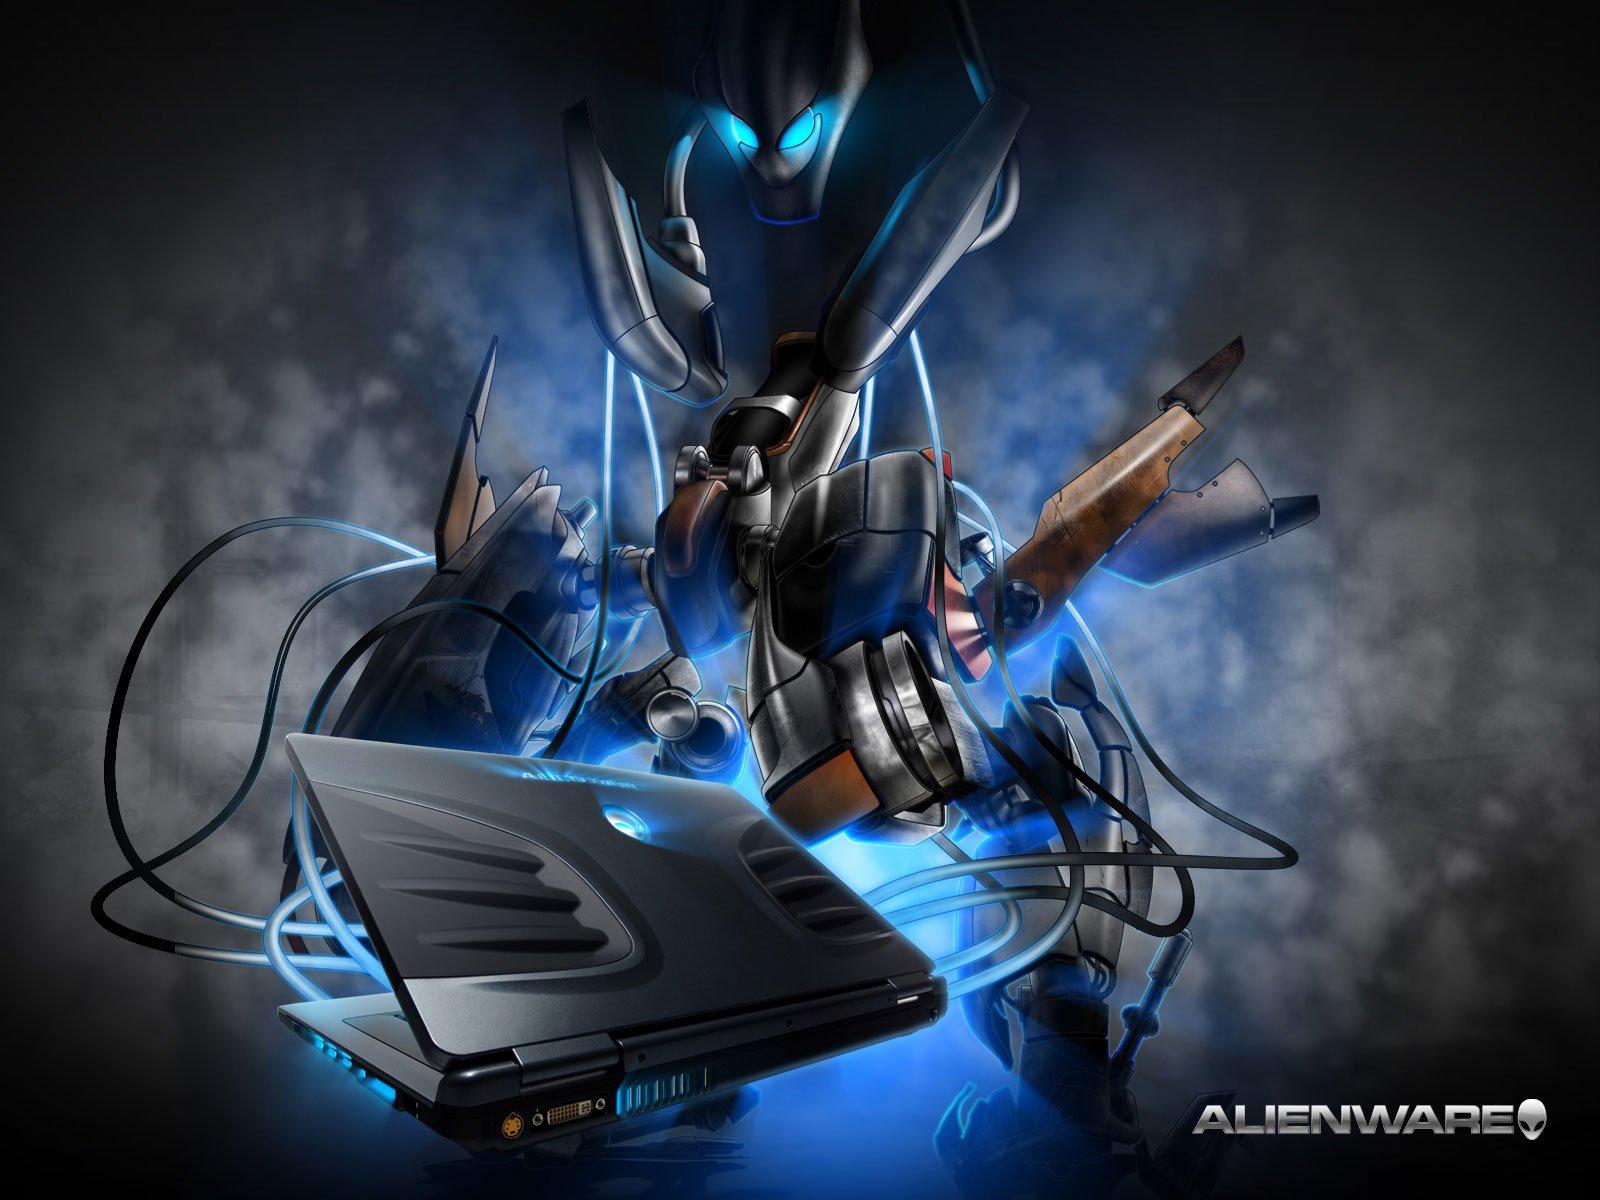 http://www.dotcrush.com/wp-content/uploads/2011/04/3d_Alienware_Mech.jpg